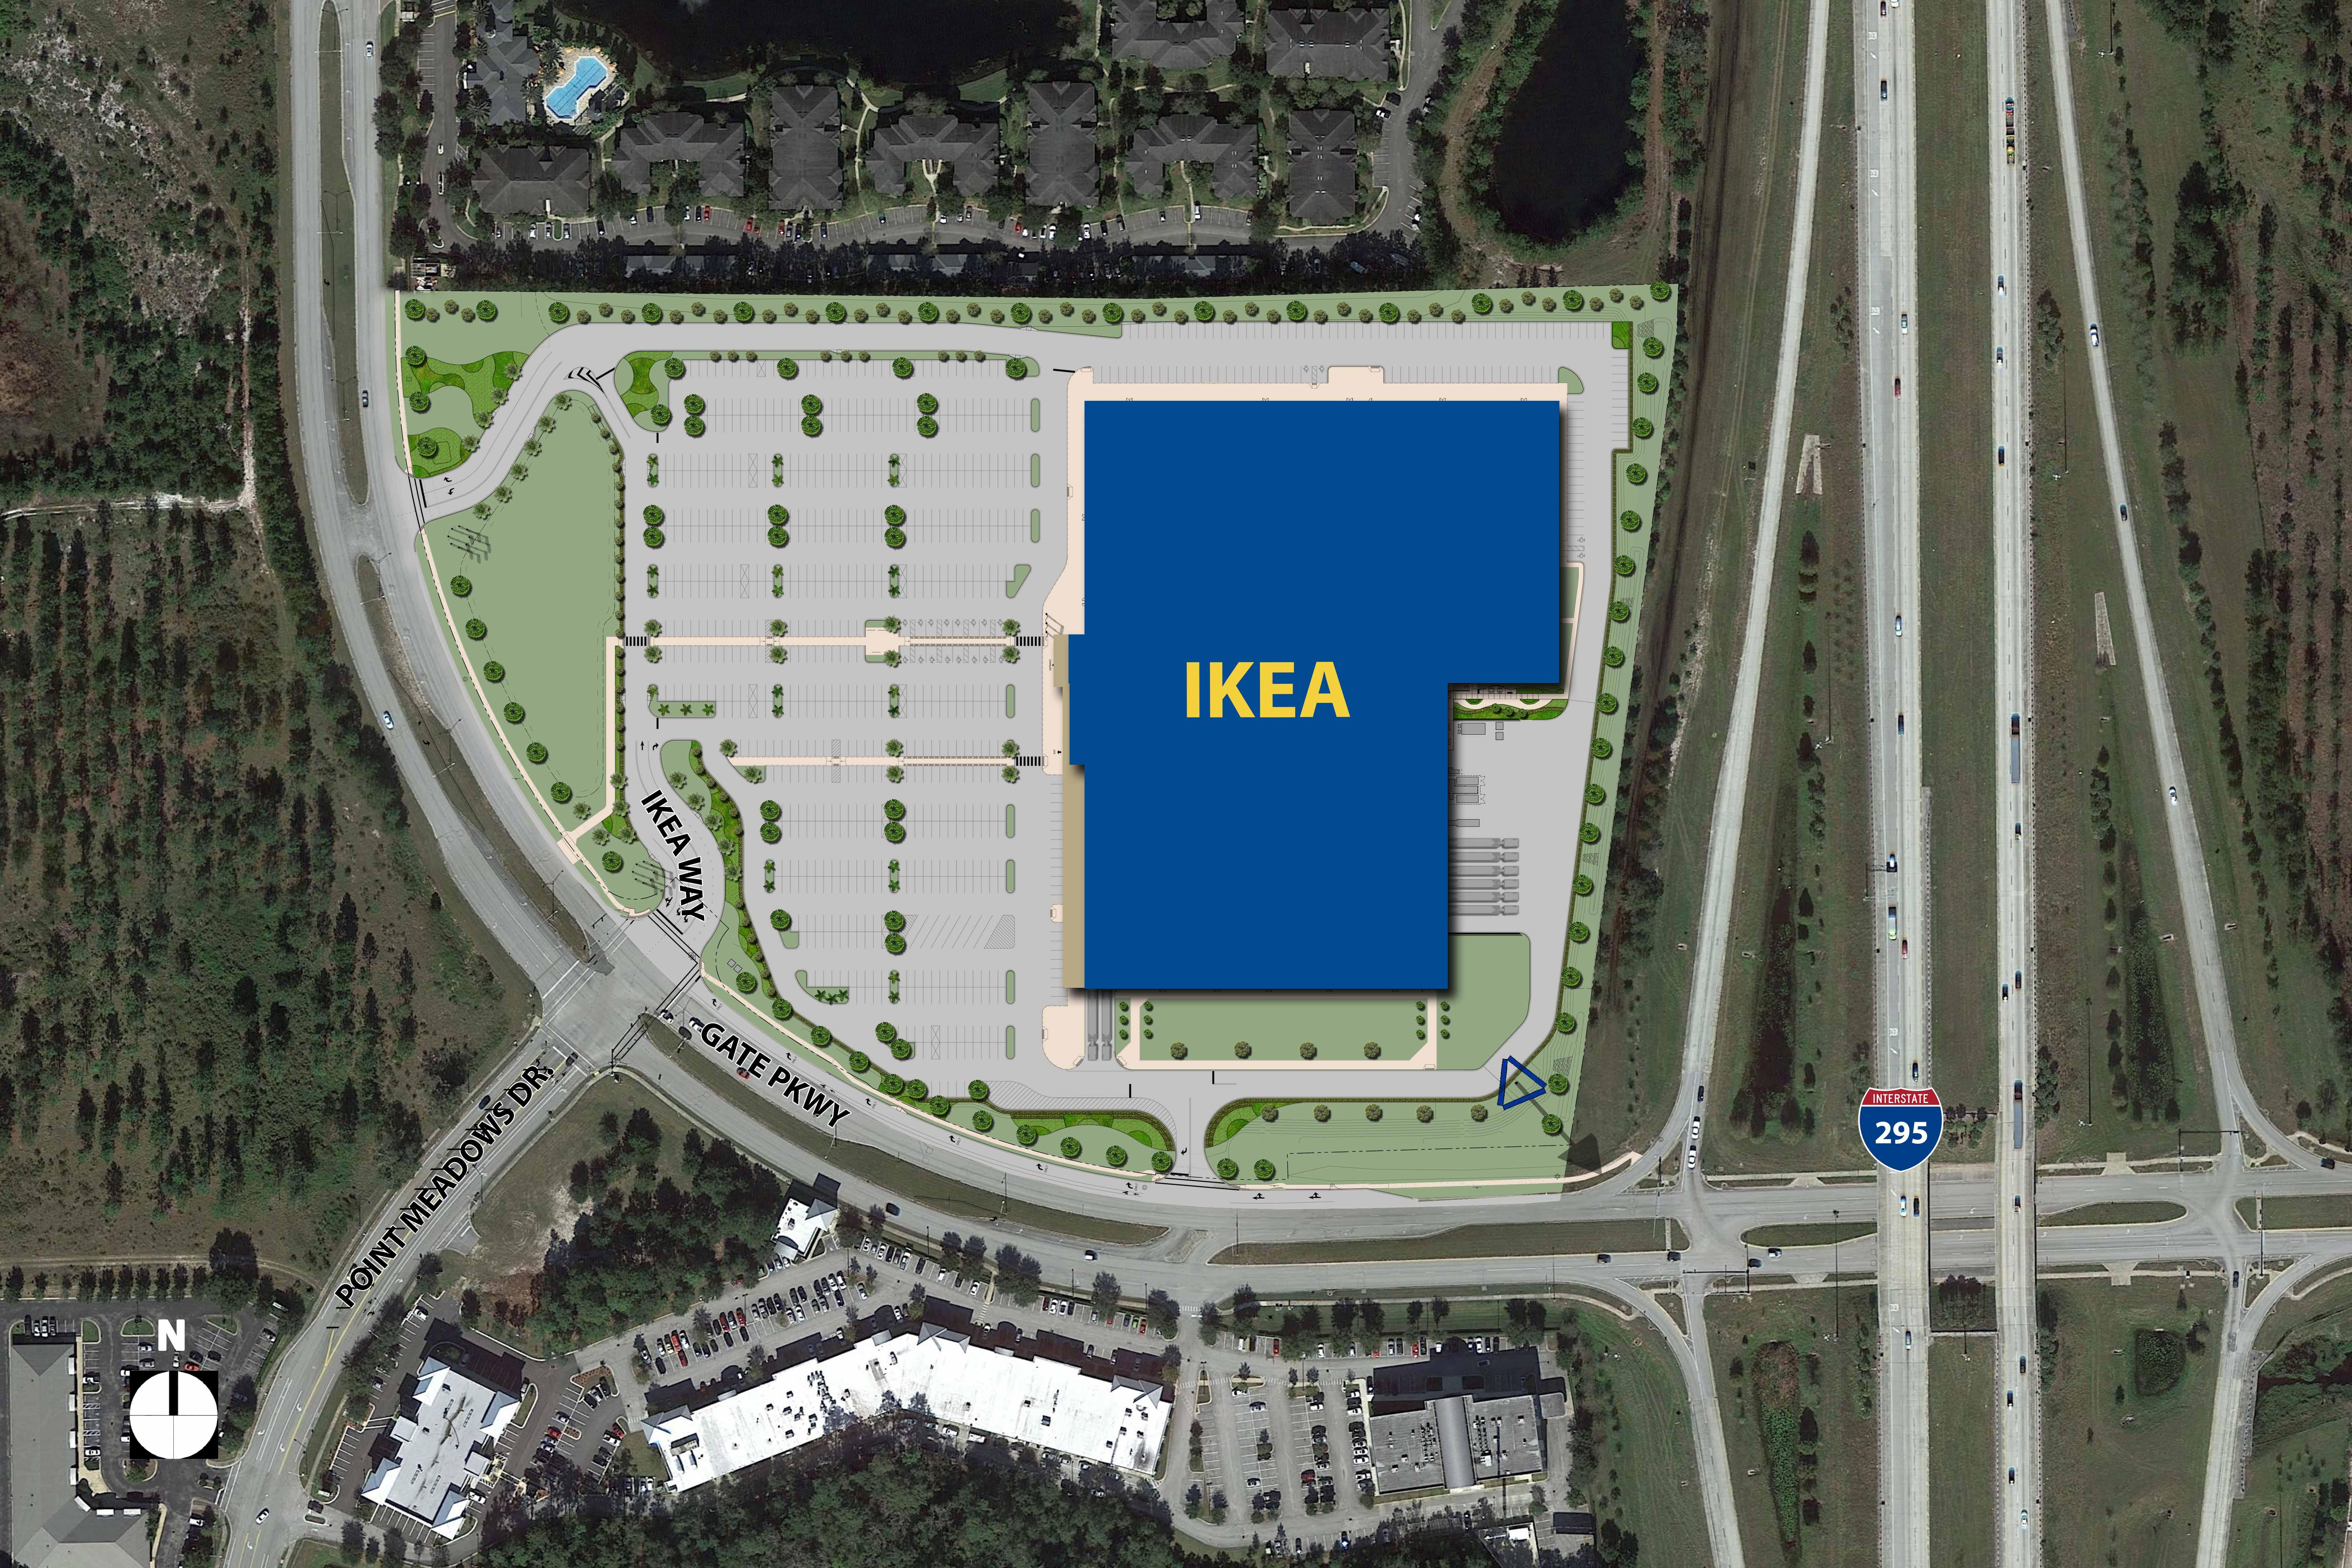 Walls Are Going Up For Jacksonville S New Ikea Store Firstcoastnews Com Ar tiem ir ērti, viegli un pat aizraujoši saplānot virtuves iekārtu, savu ideālo skapi un ne to vien. https www firstcoastnews com article money business walls are going up for jacksonvilles new ikea store 77 429186513